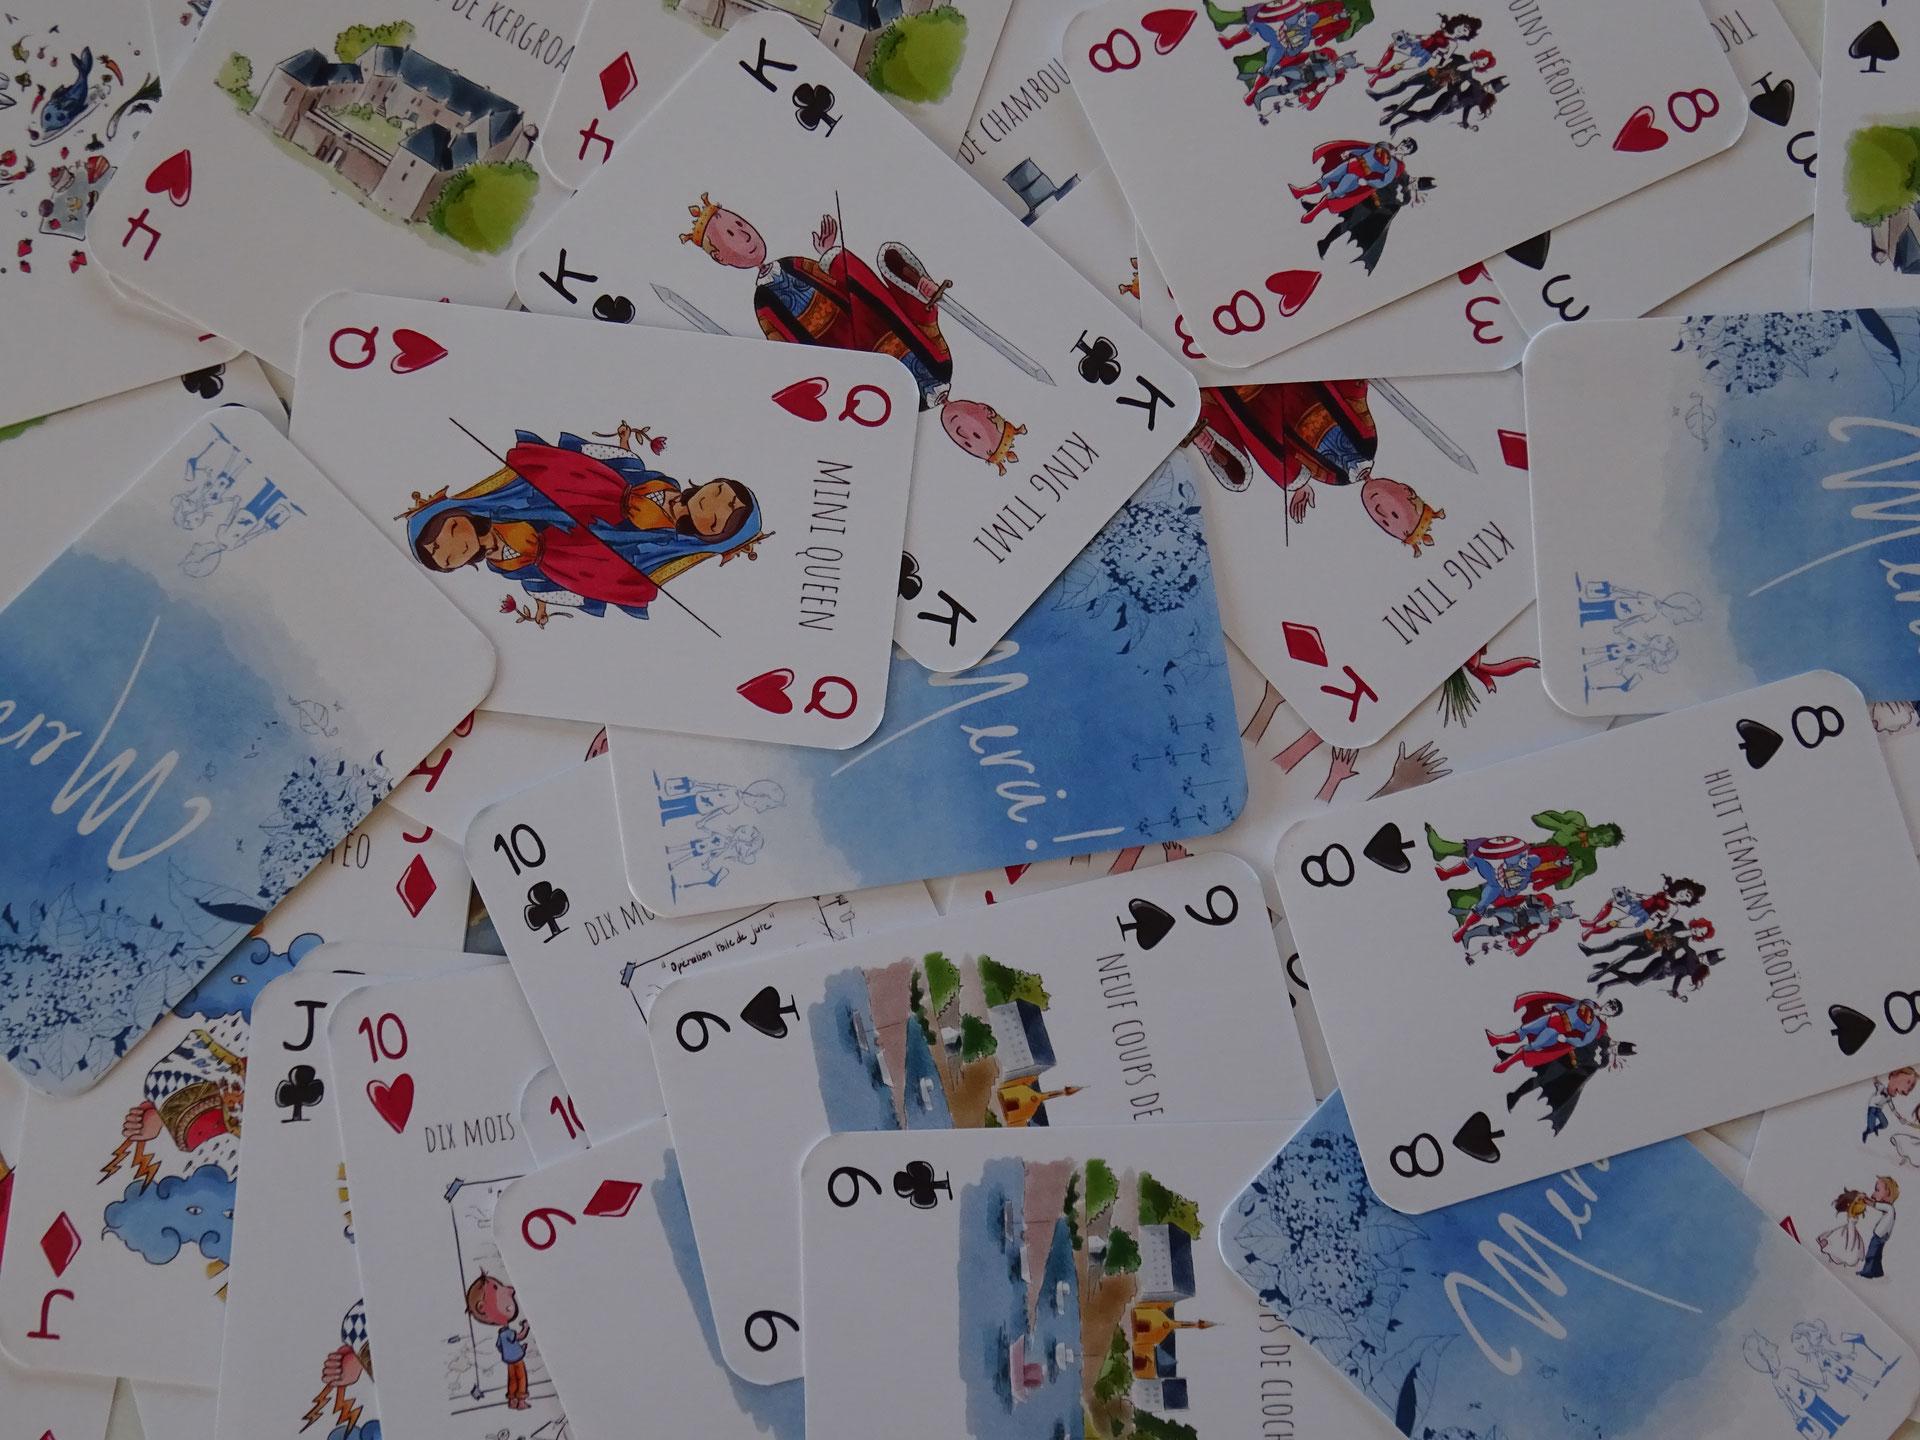 Jeu De Cartes Personnalise Pour Mariage - Jeux De Cartes dedans Comment Créer Un Jeu De Carte